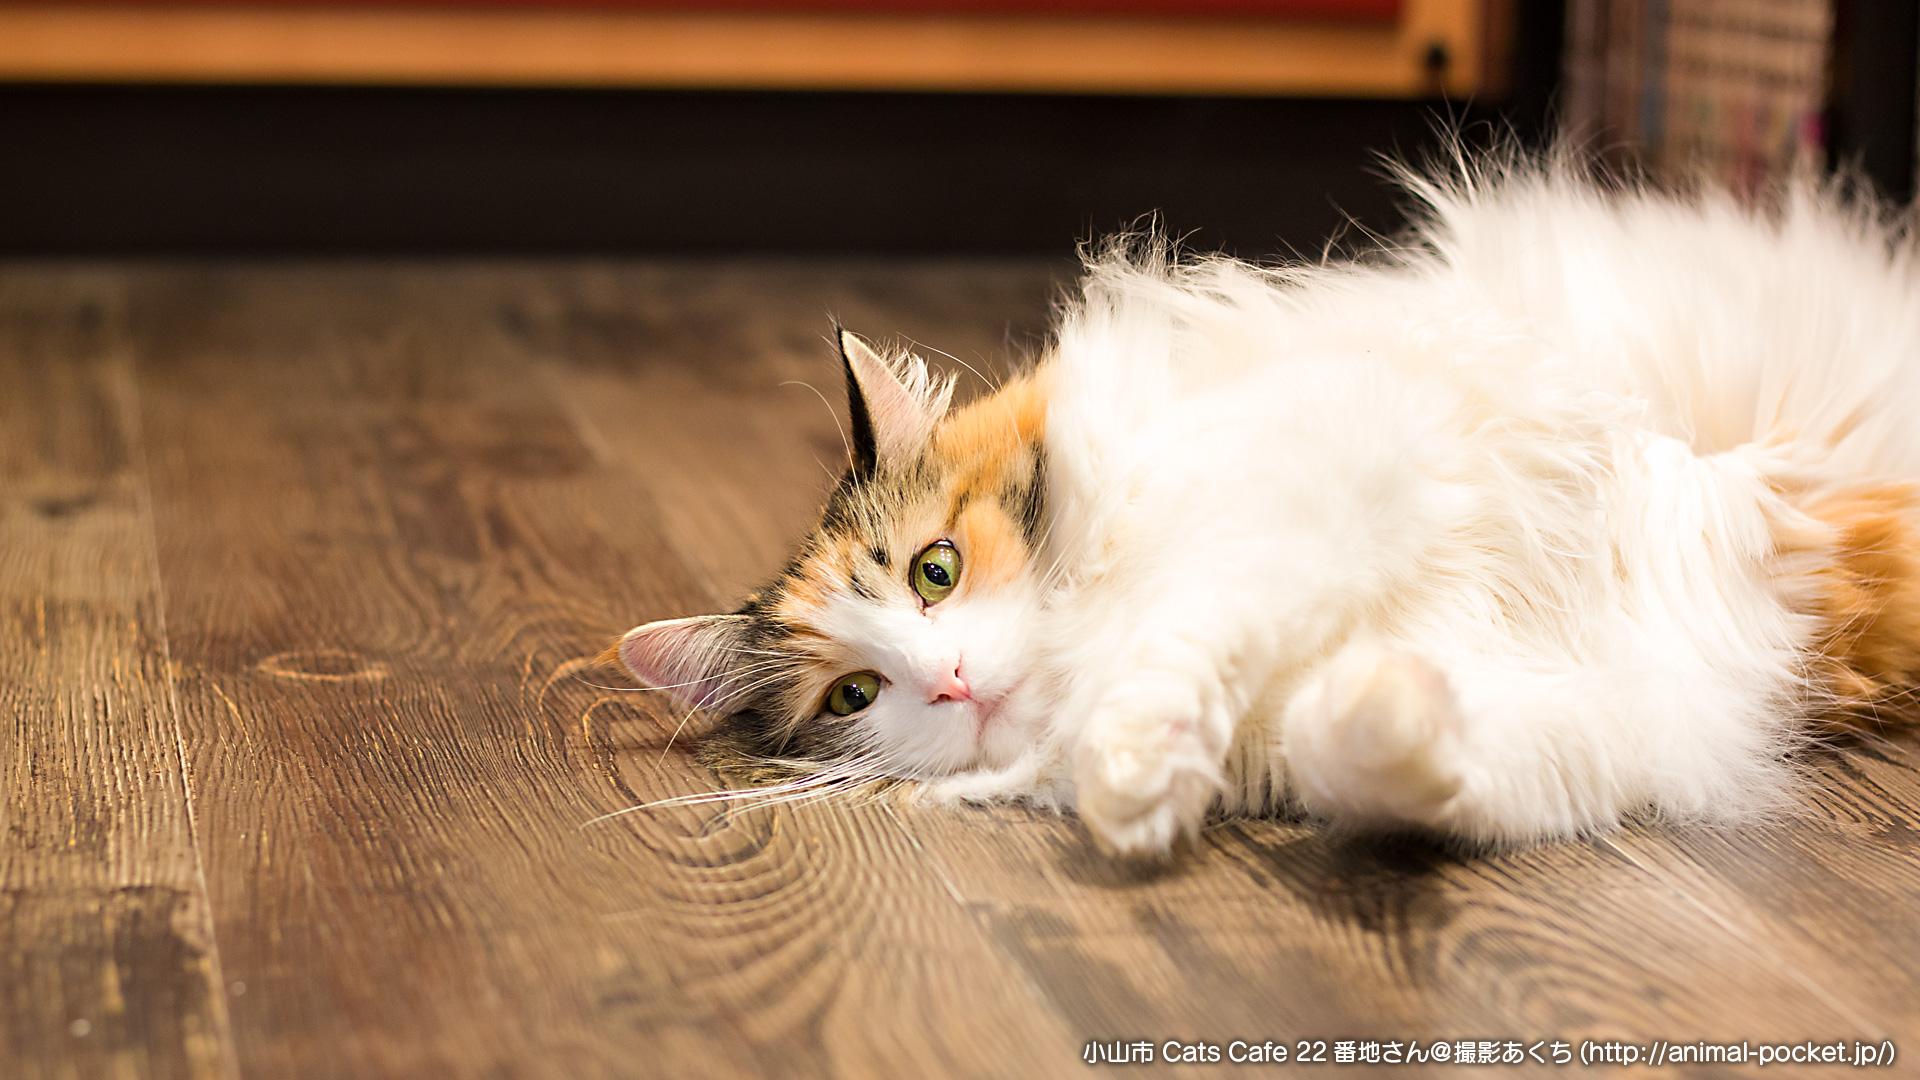 猫カフェ「Cats Cafe 22番地」